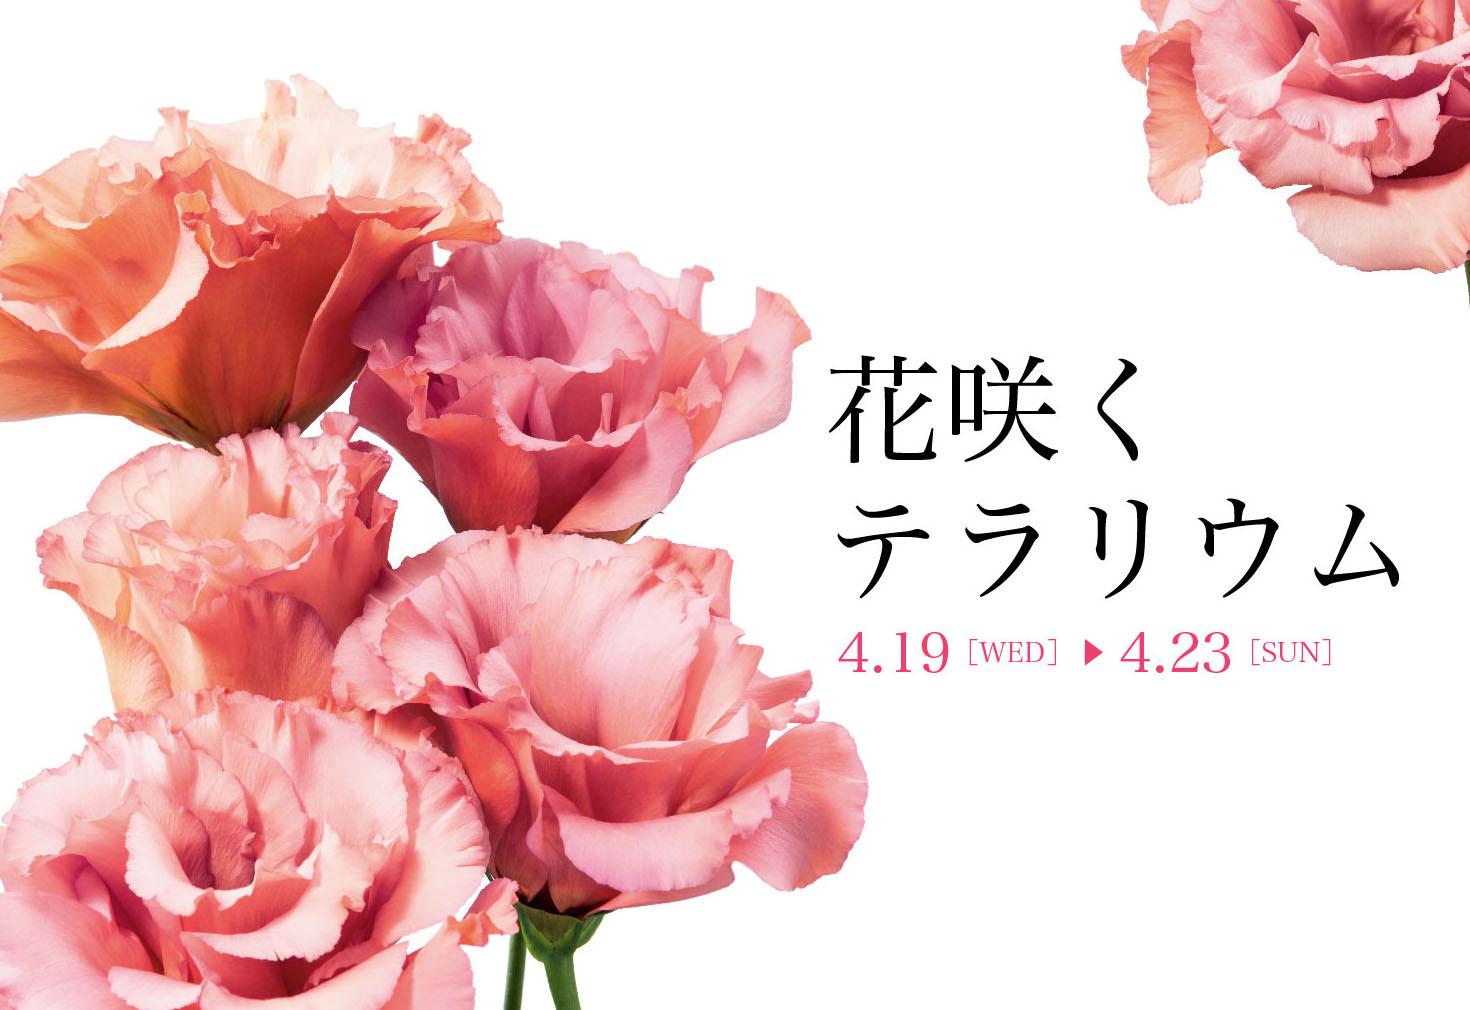 花の香りに包まれる春満喫イベント「花咲くテラリウム」